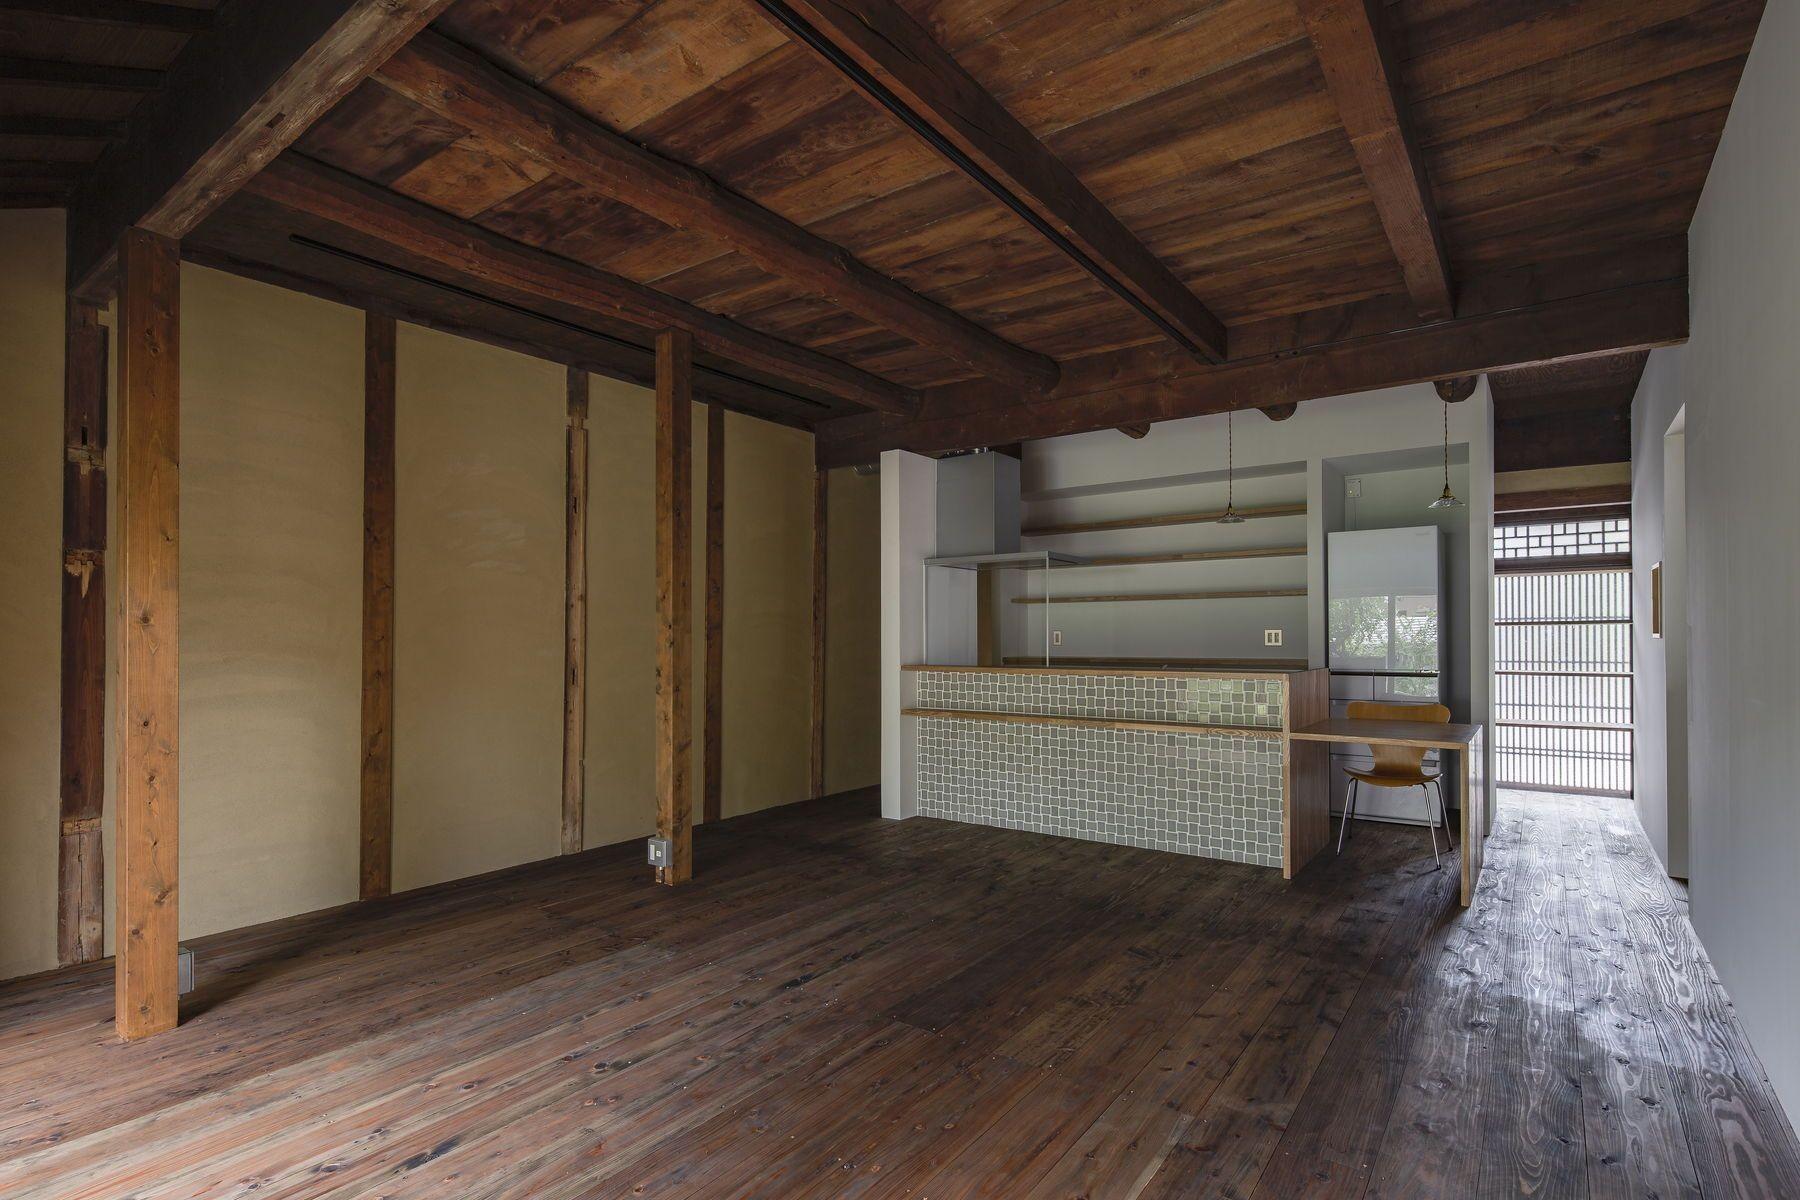 リビングダイニング事例:佐保路の家||奈良町家のリノベーション(佐保路の家|奈良町家のリノベーション【奈良市】)